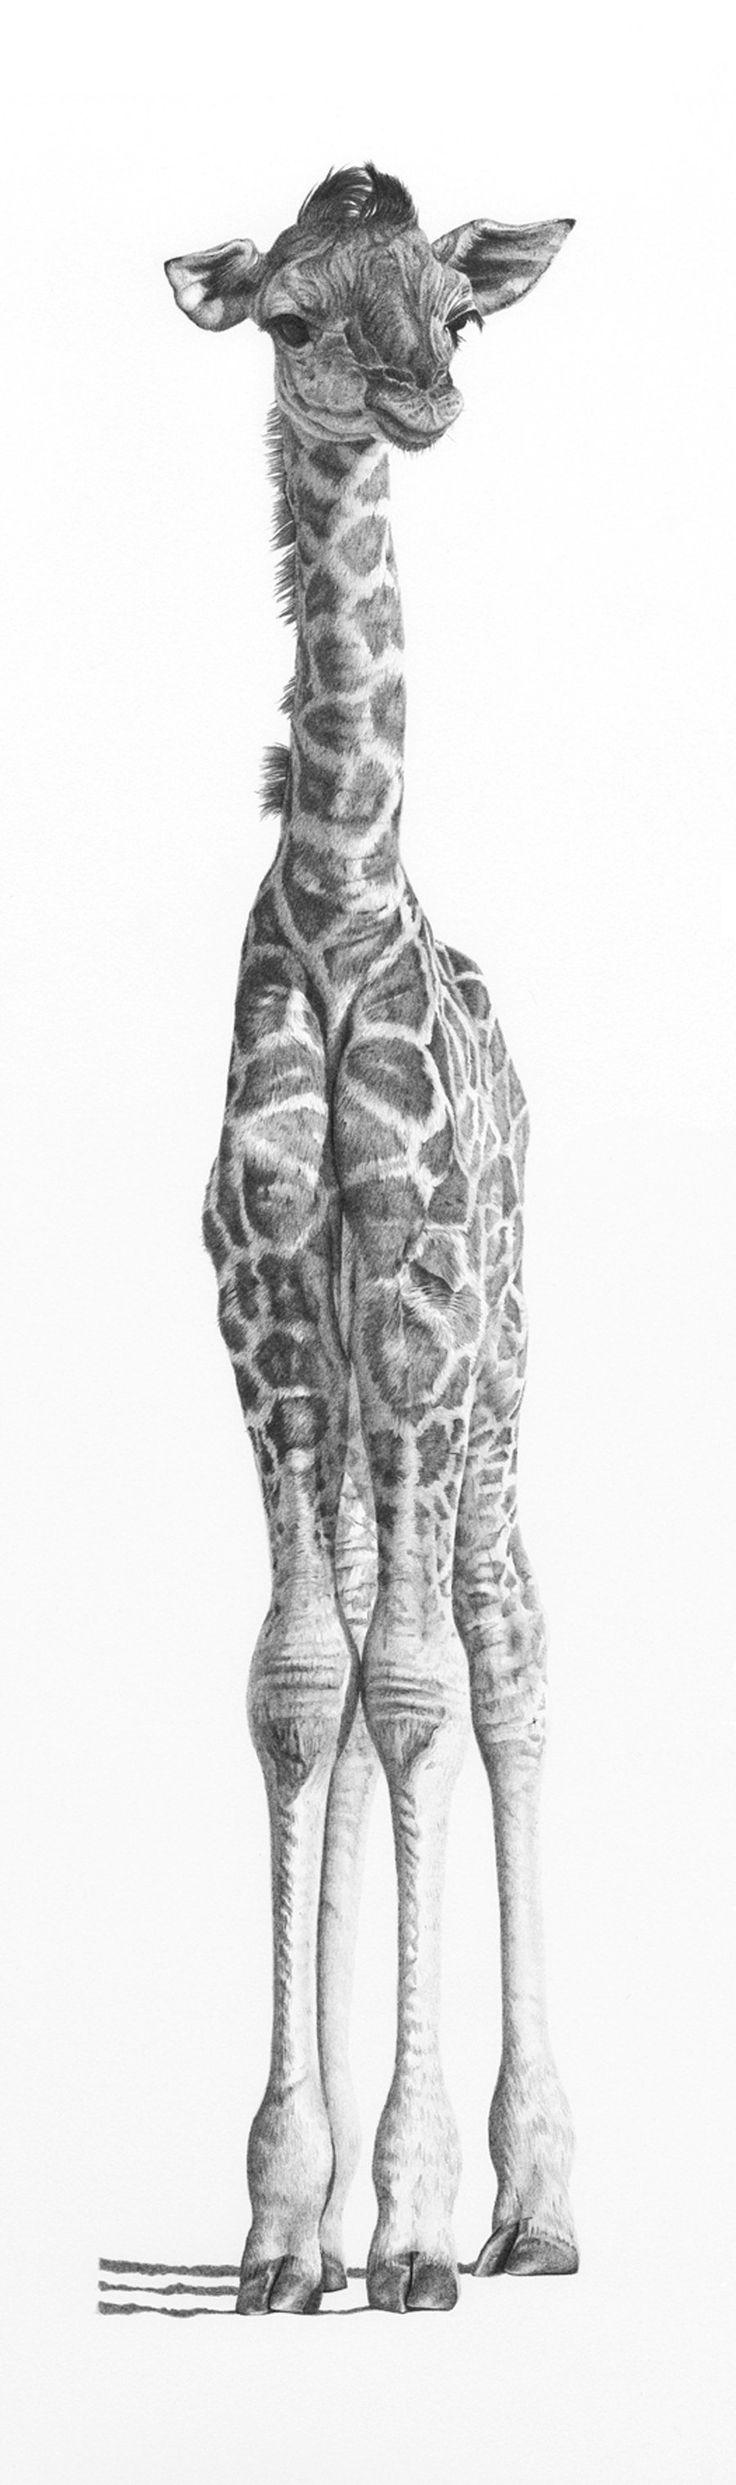 Young giraffe horse giraffe zebra pinterest for Giraffe draw something